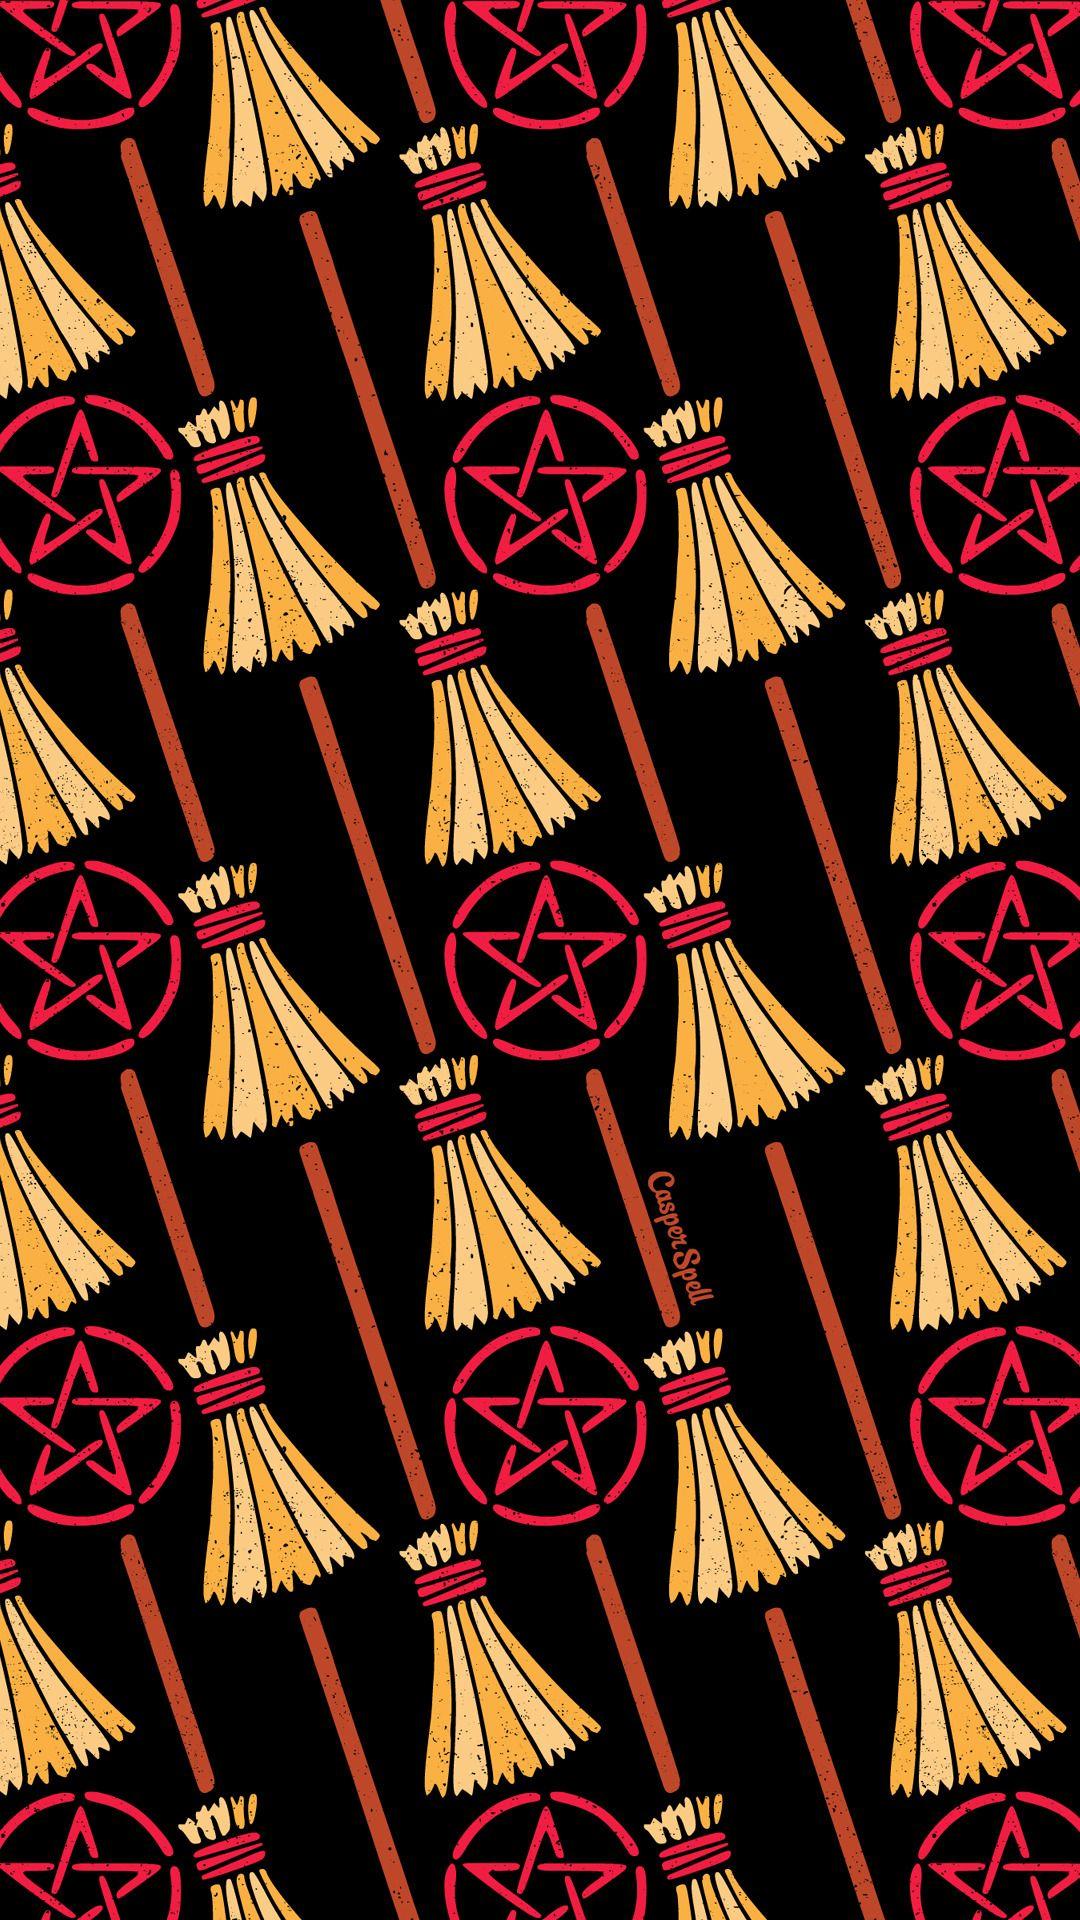 Halloween Sht Witch wallpaper, Halloween wallpaper